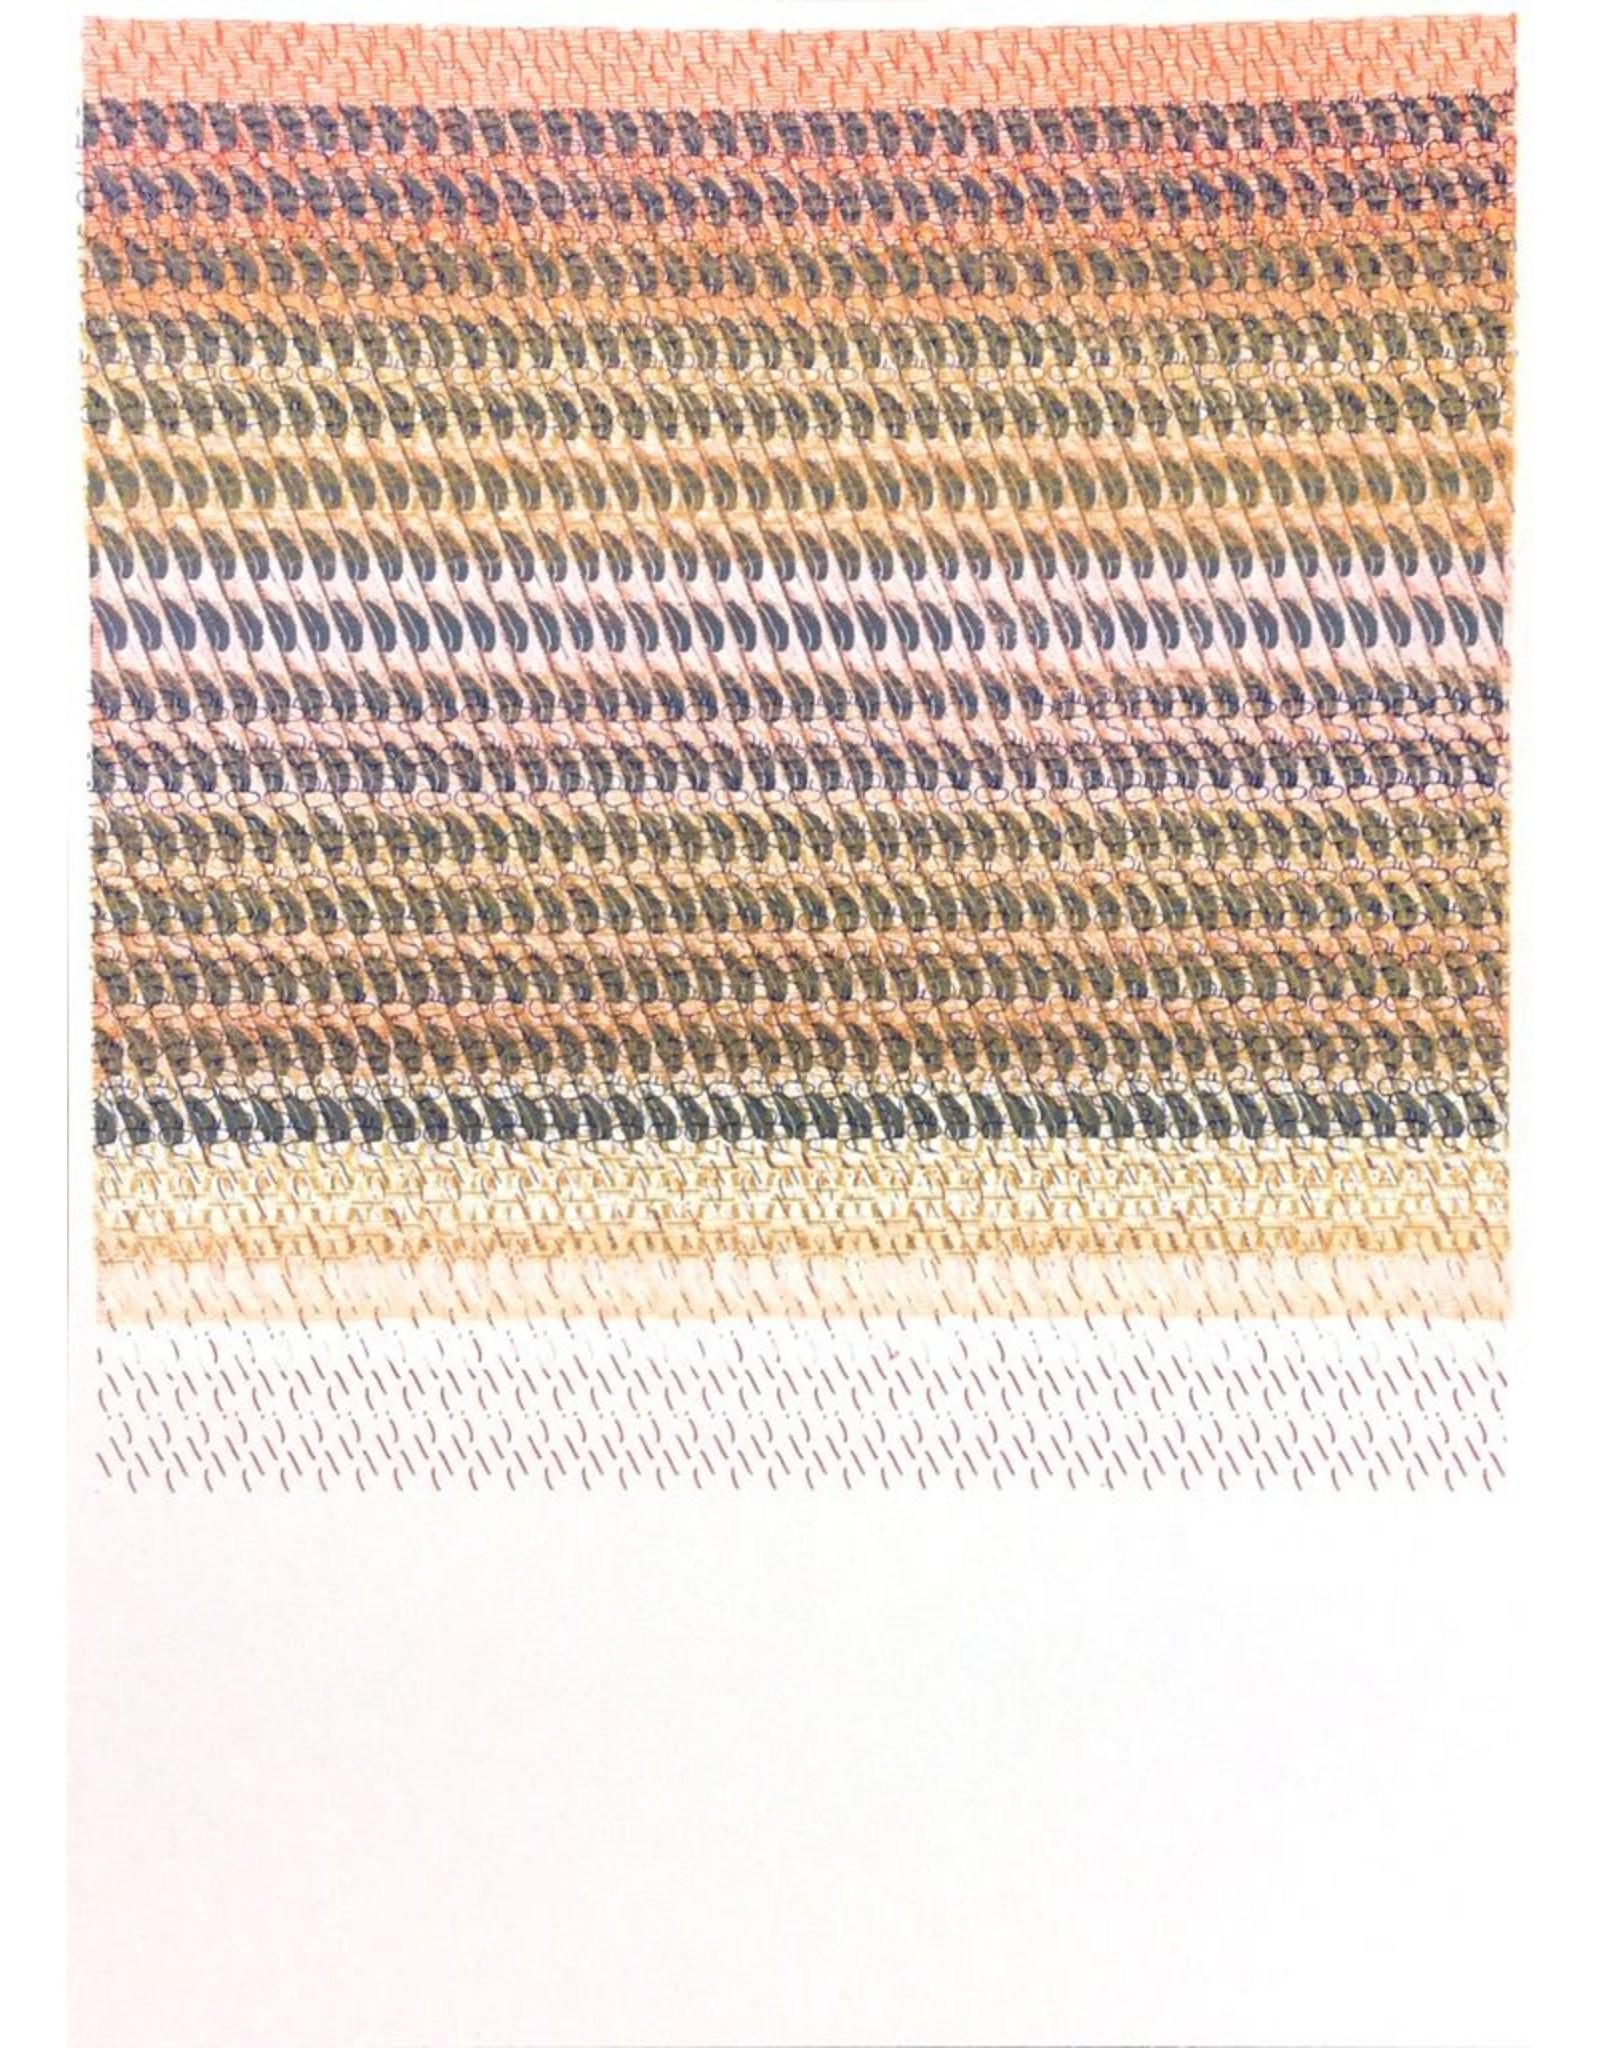 Pichon, Ilana Think: Monotype #117 (125), Ilana Pichon